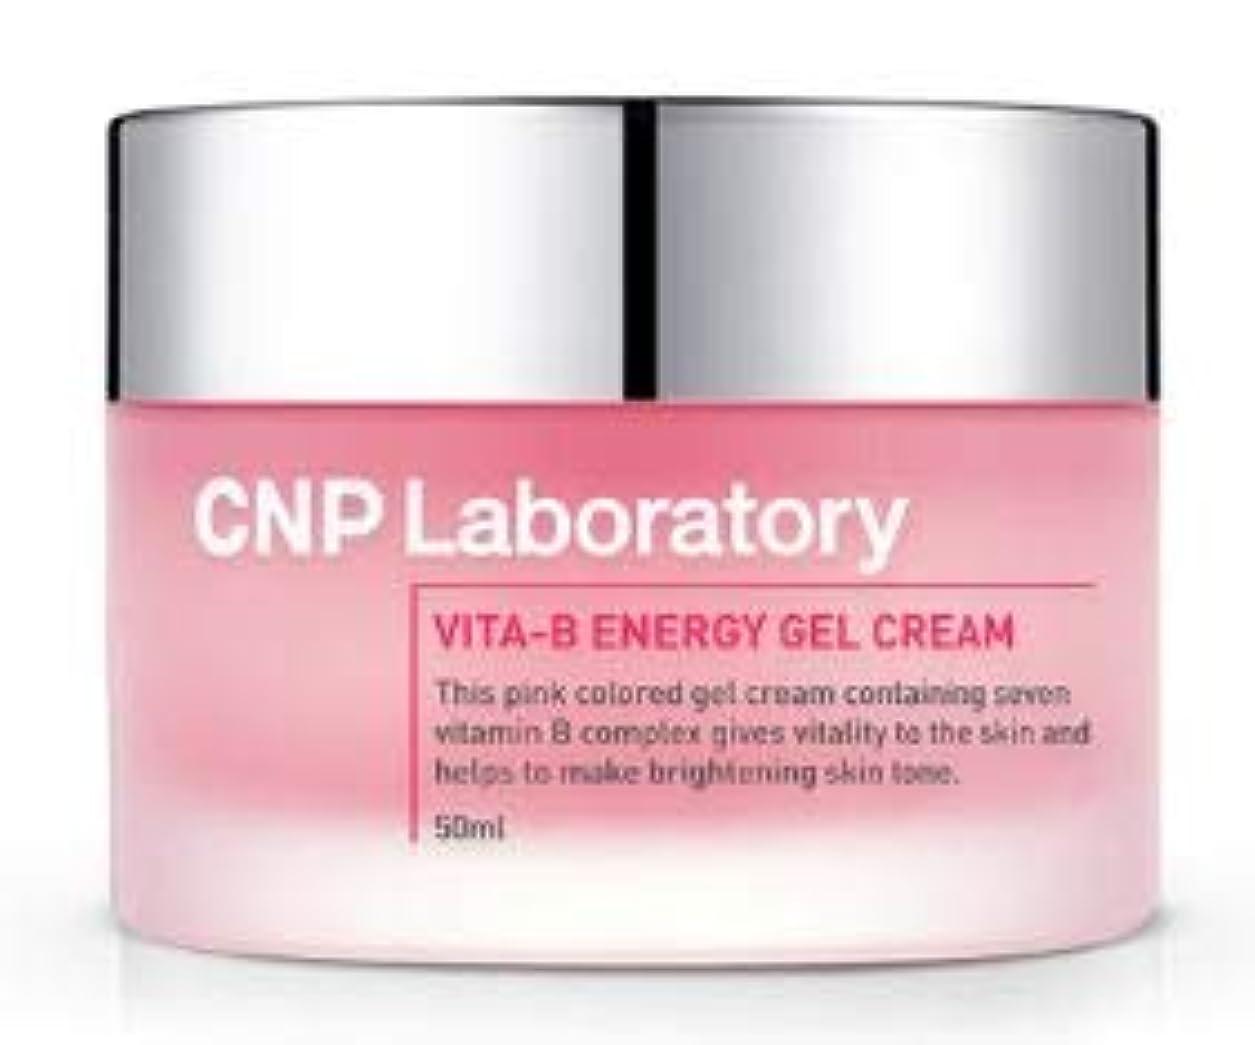 封建リル仲間[CHA&PARK(CNP)] Vita-B Energy Gel Cream 50ml /[チャアンドパク(CNP)] ビタ-B エネルギー ジェル クリーム 50ml [並行輸入品]